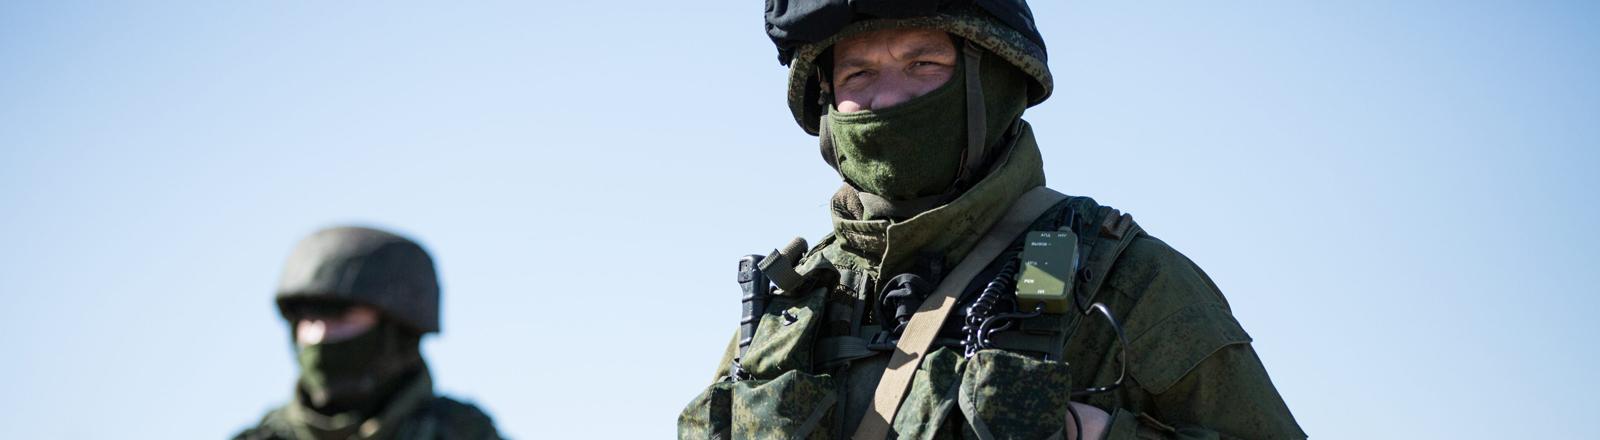 Am 03.03.2014 sind zwei russische Soldaten in voller Uniform auf der Krim unterwegs.